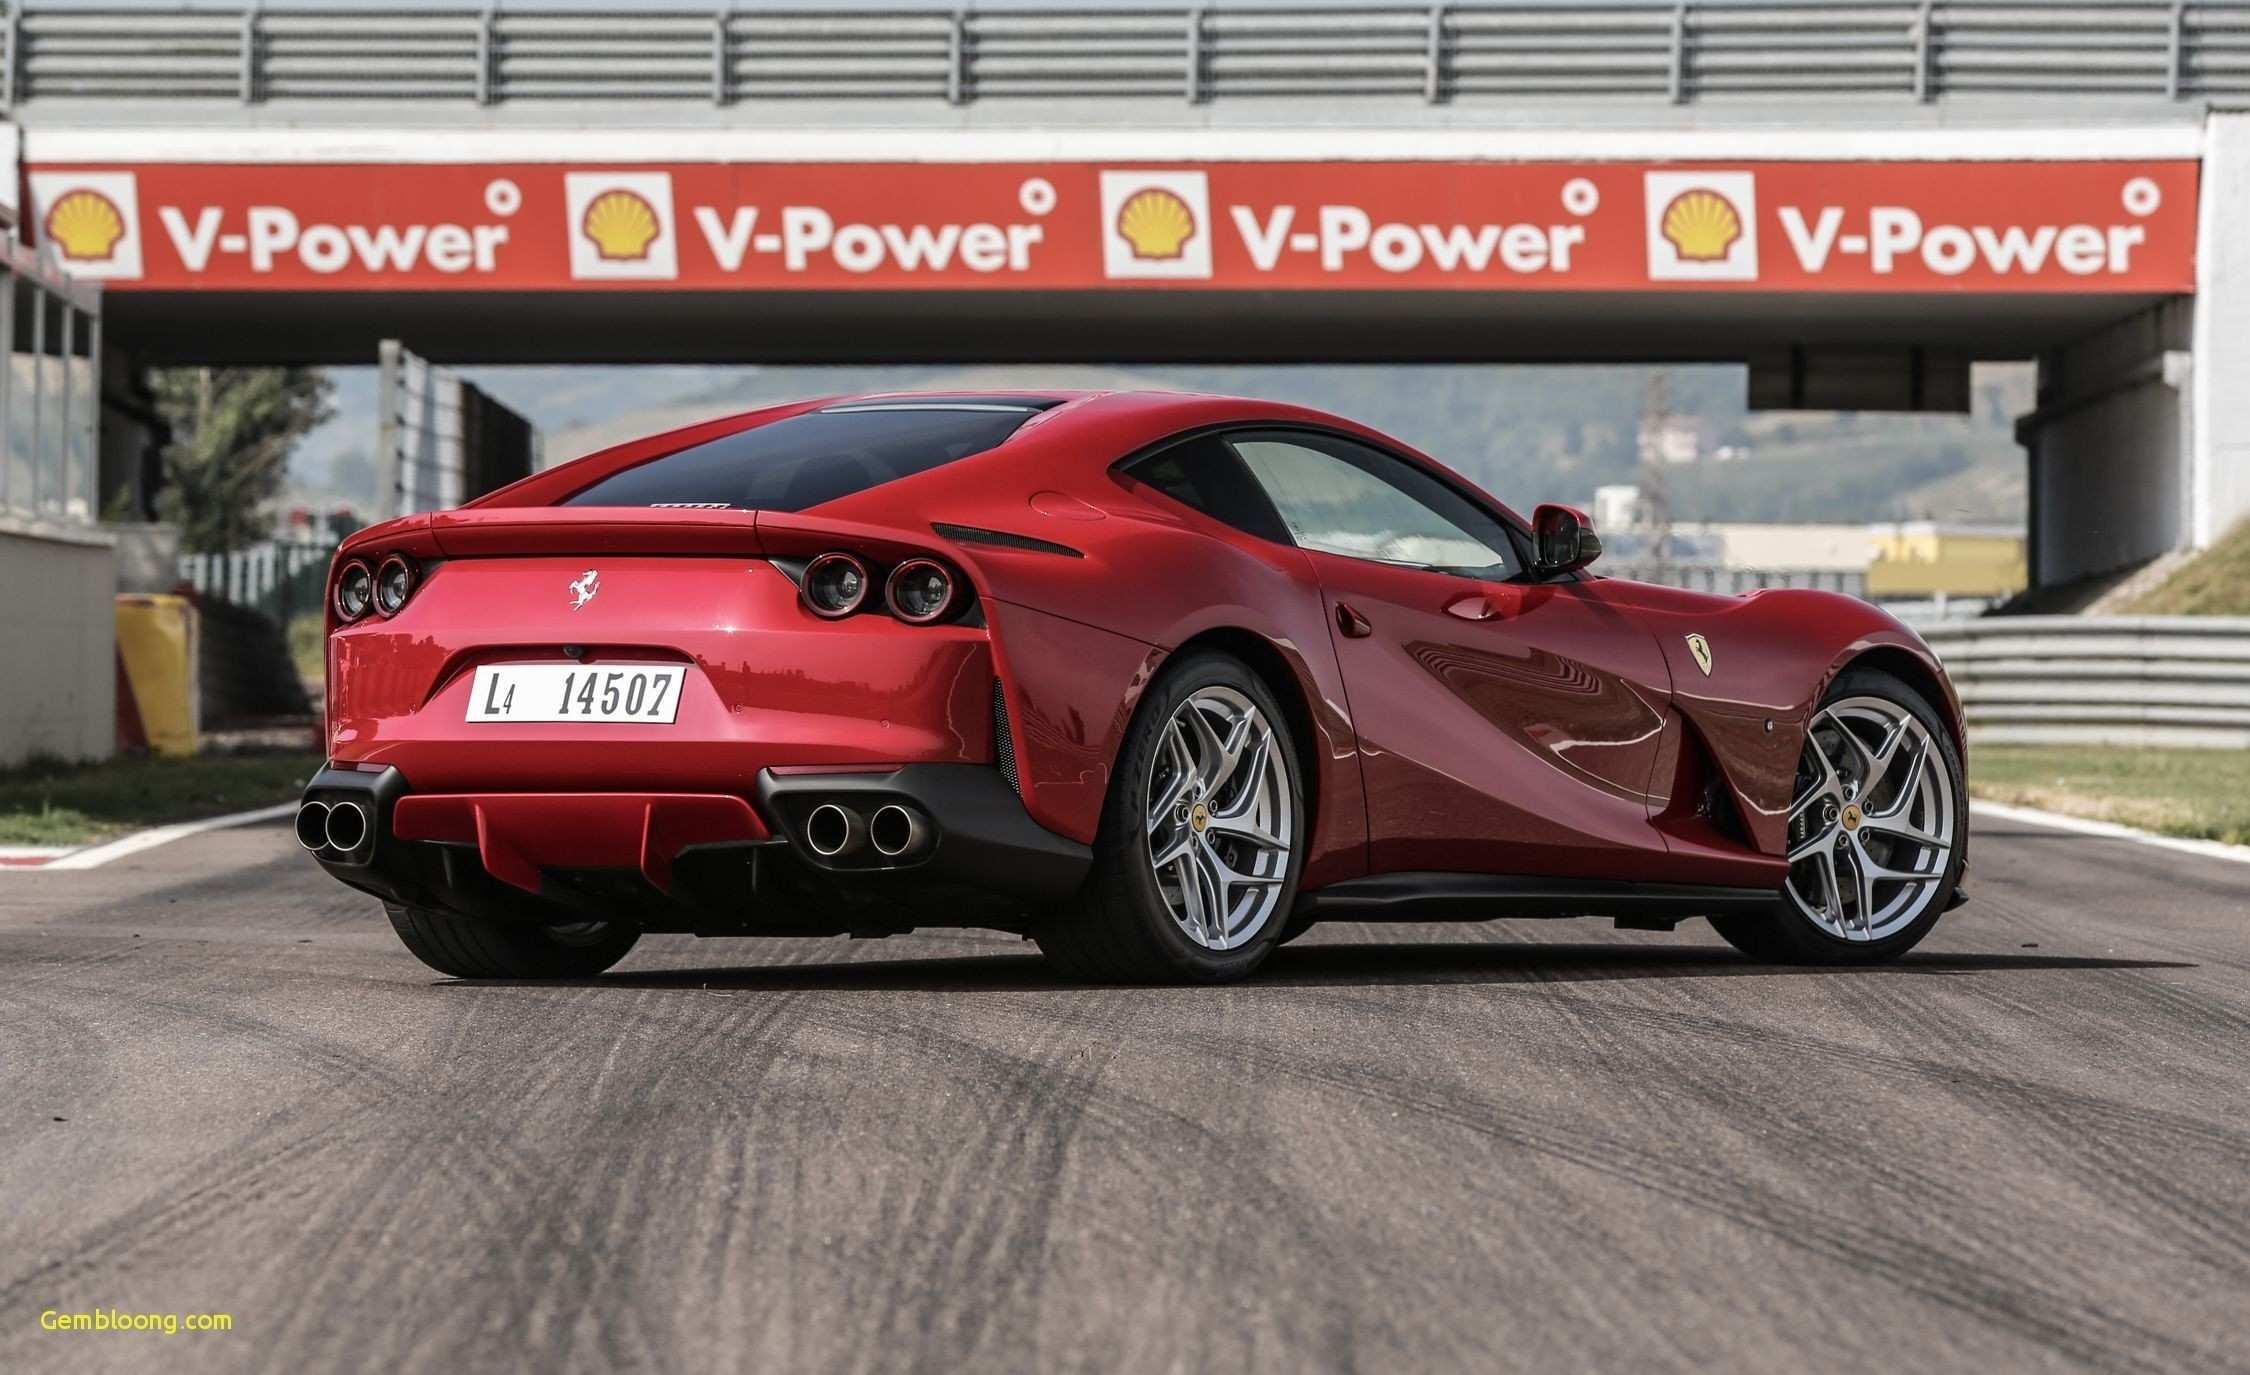 64 Concept of The La Nuova Ferrari 2019 First Drive Spesification with The La Nuova Ferrari 2019 First Drive